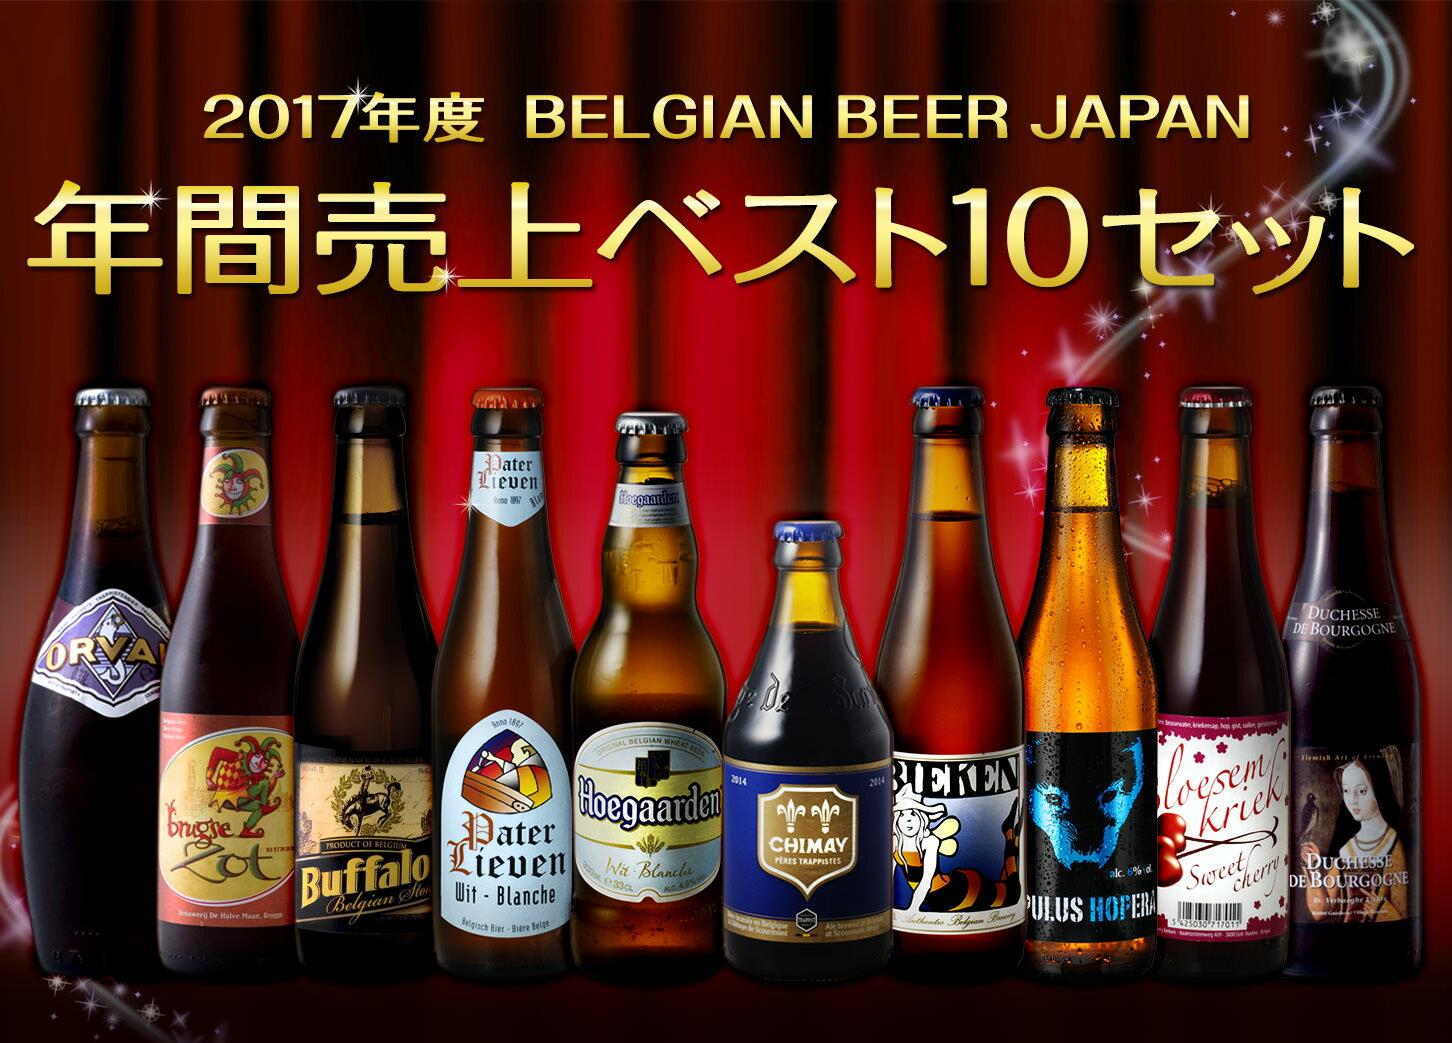 送料無料 ベルギービールJapan 2017年間売上トップ10セット(箱入) ベルギー ビール ギフト 贈答用 飲み比べ